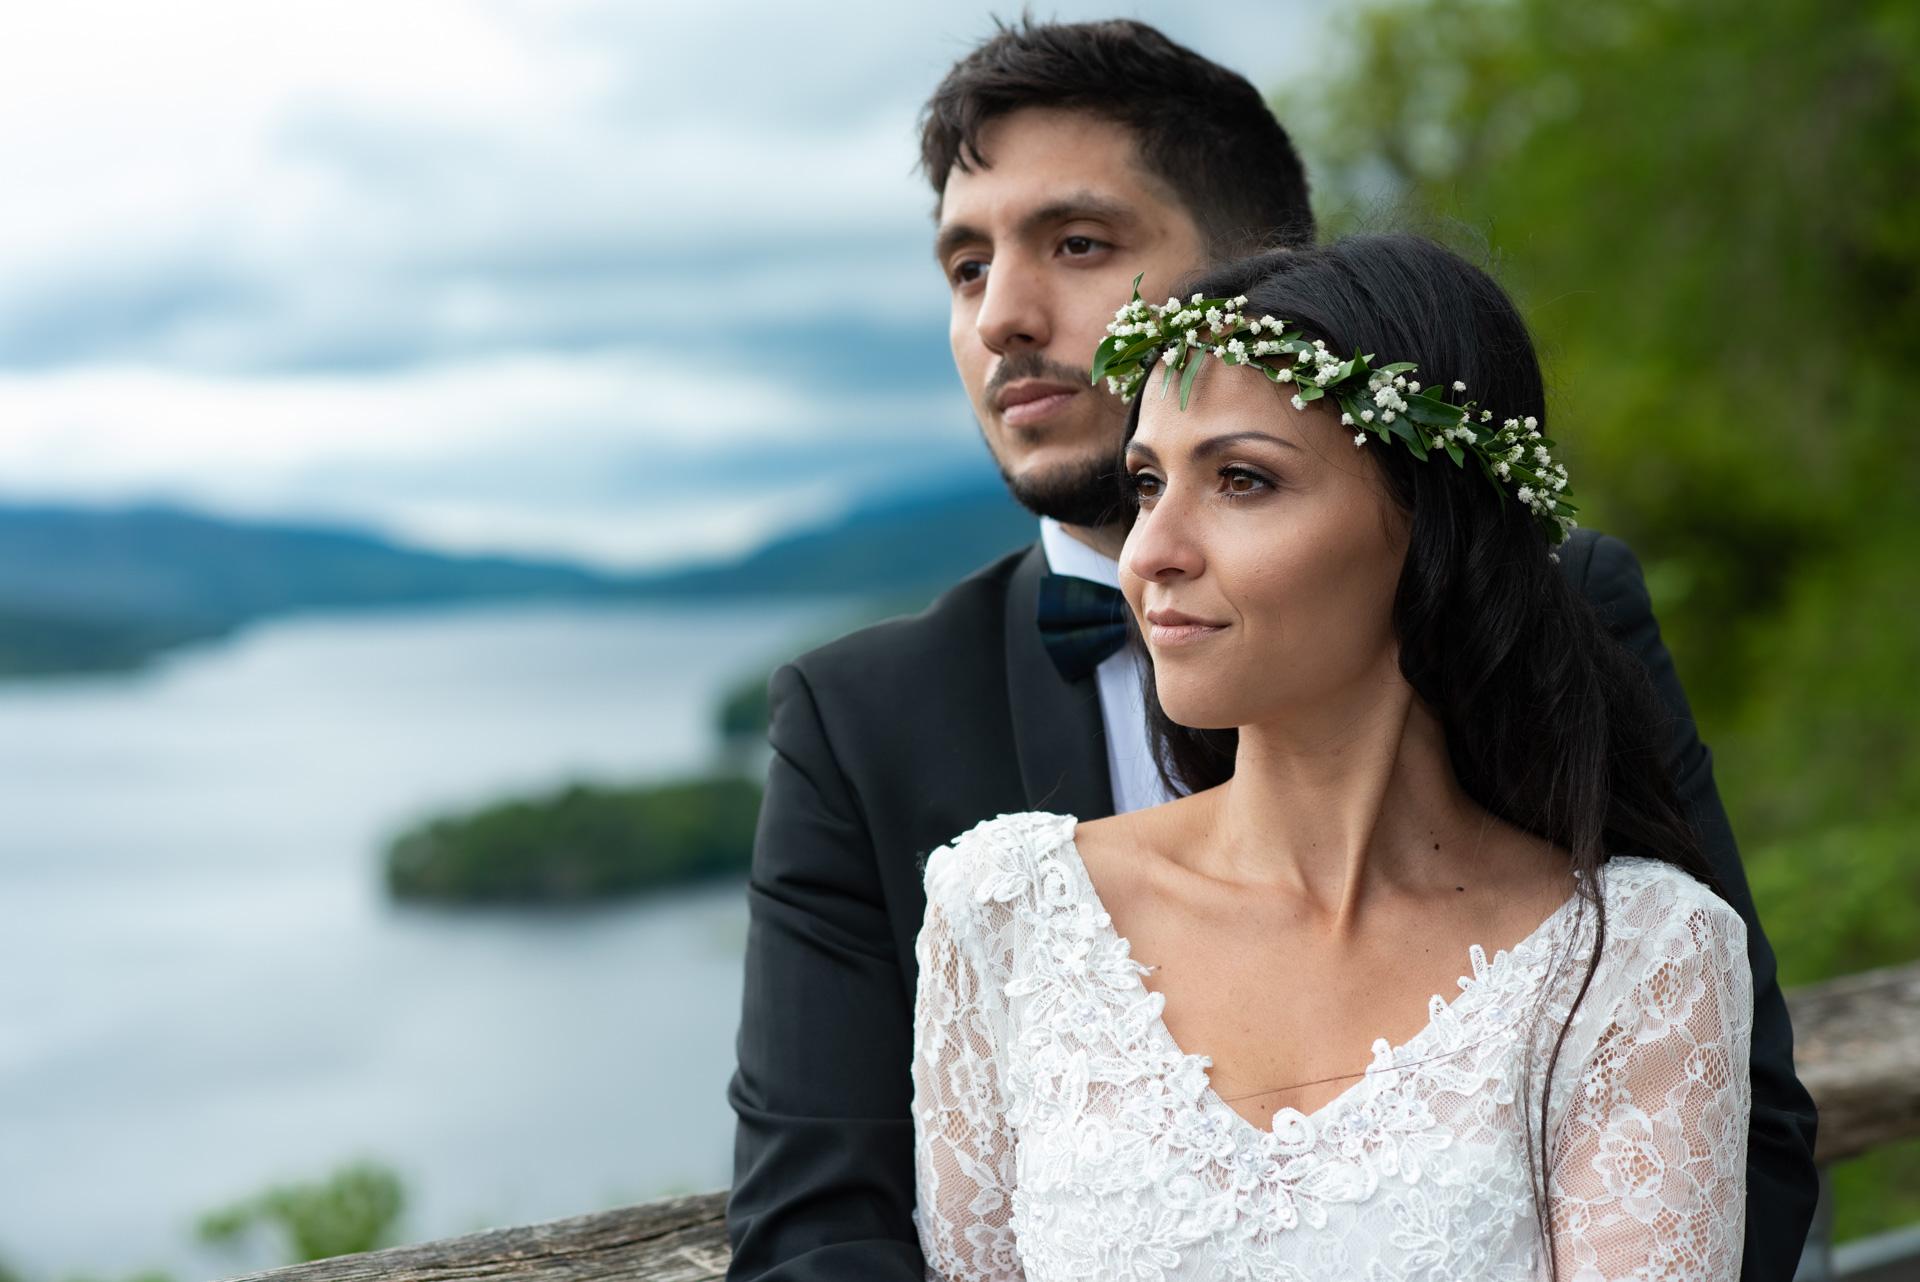 A Highland wedding - Tom & Sarah 1